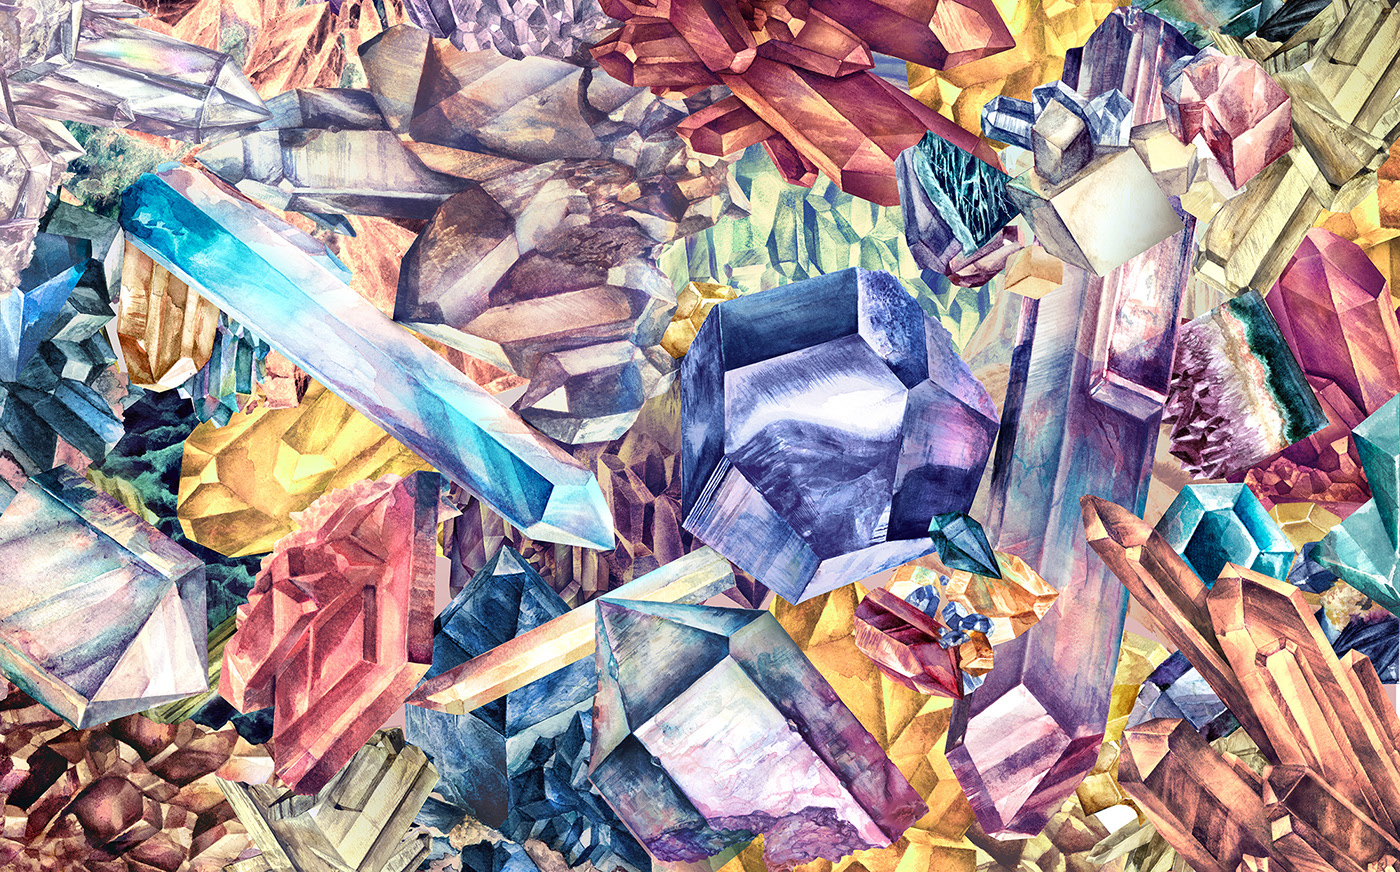 включен, постеры с кристалами все благородно, вкусом